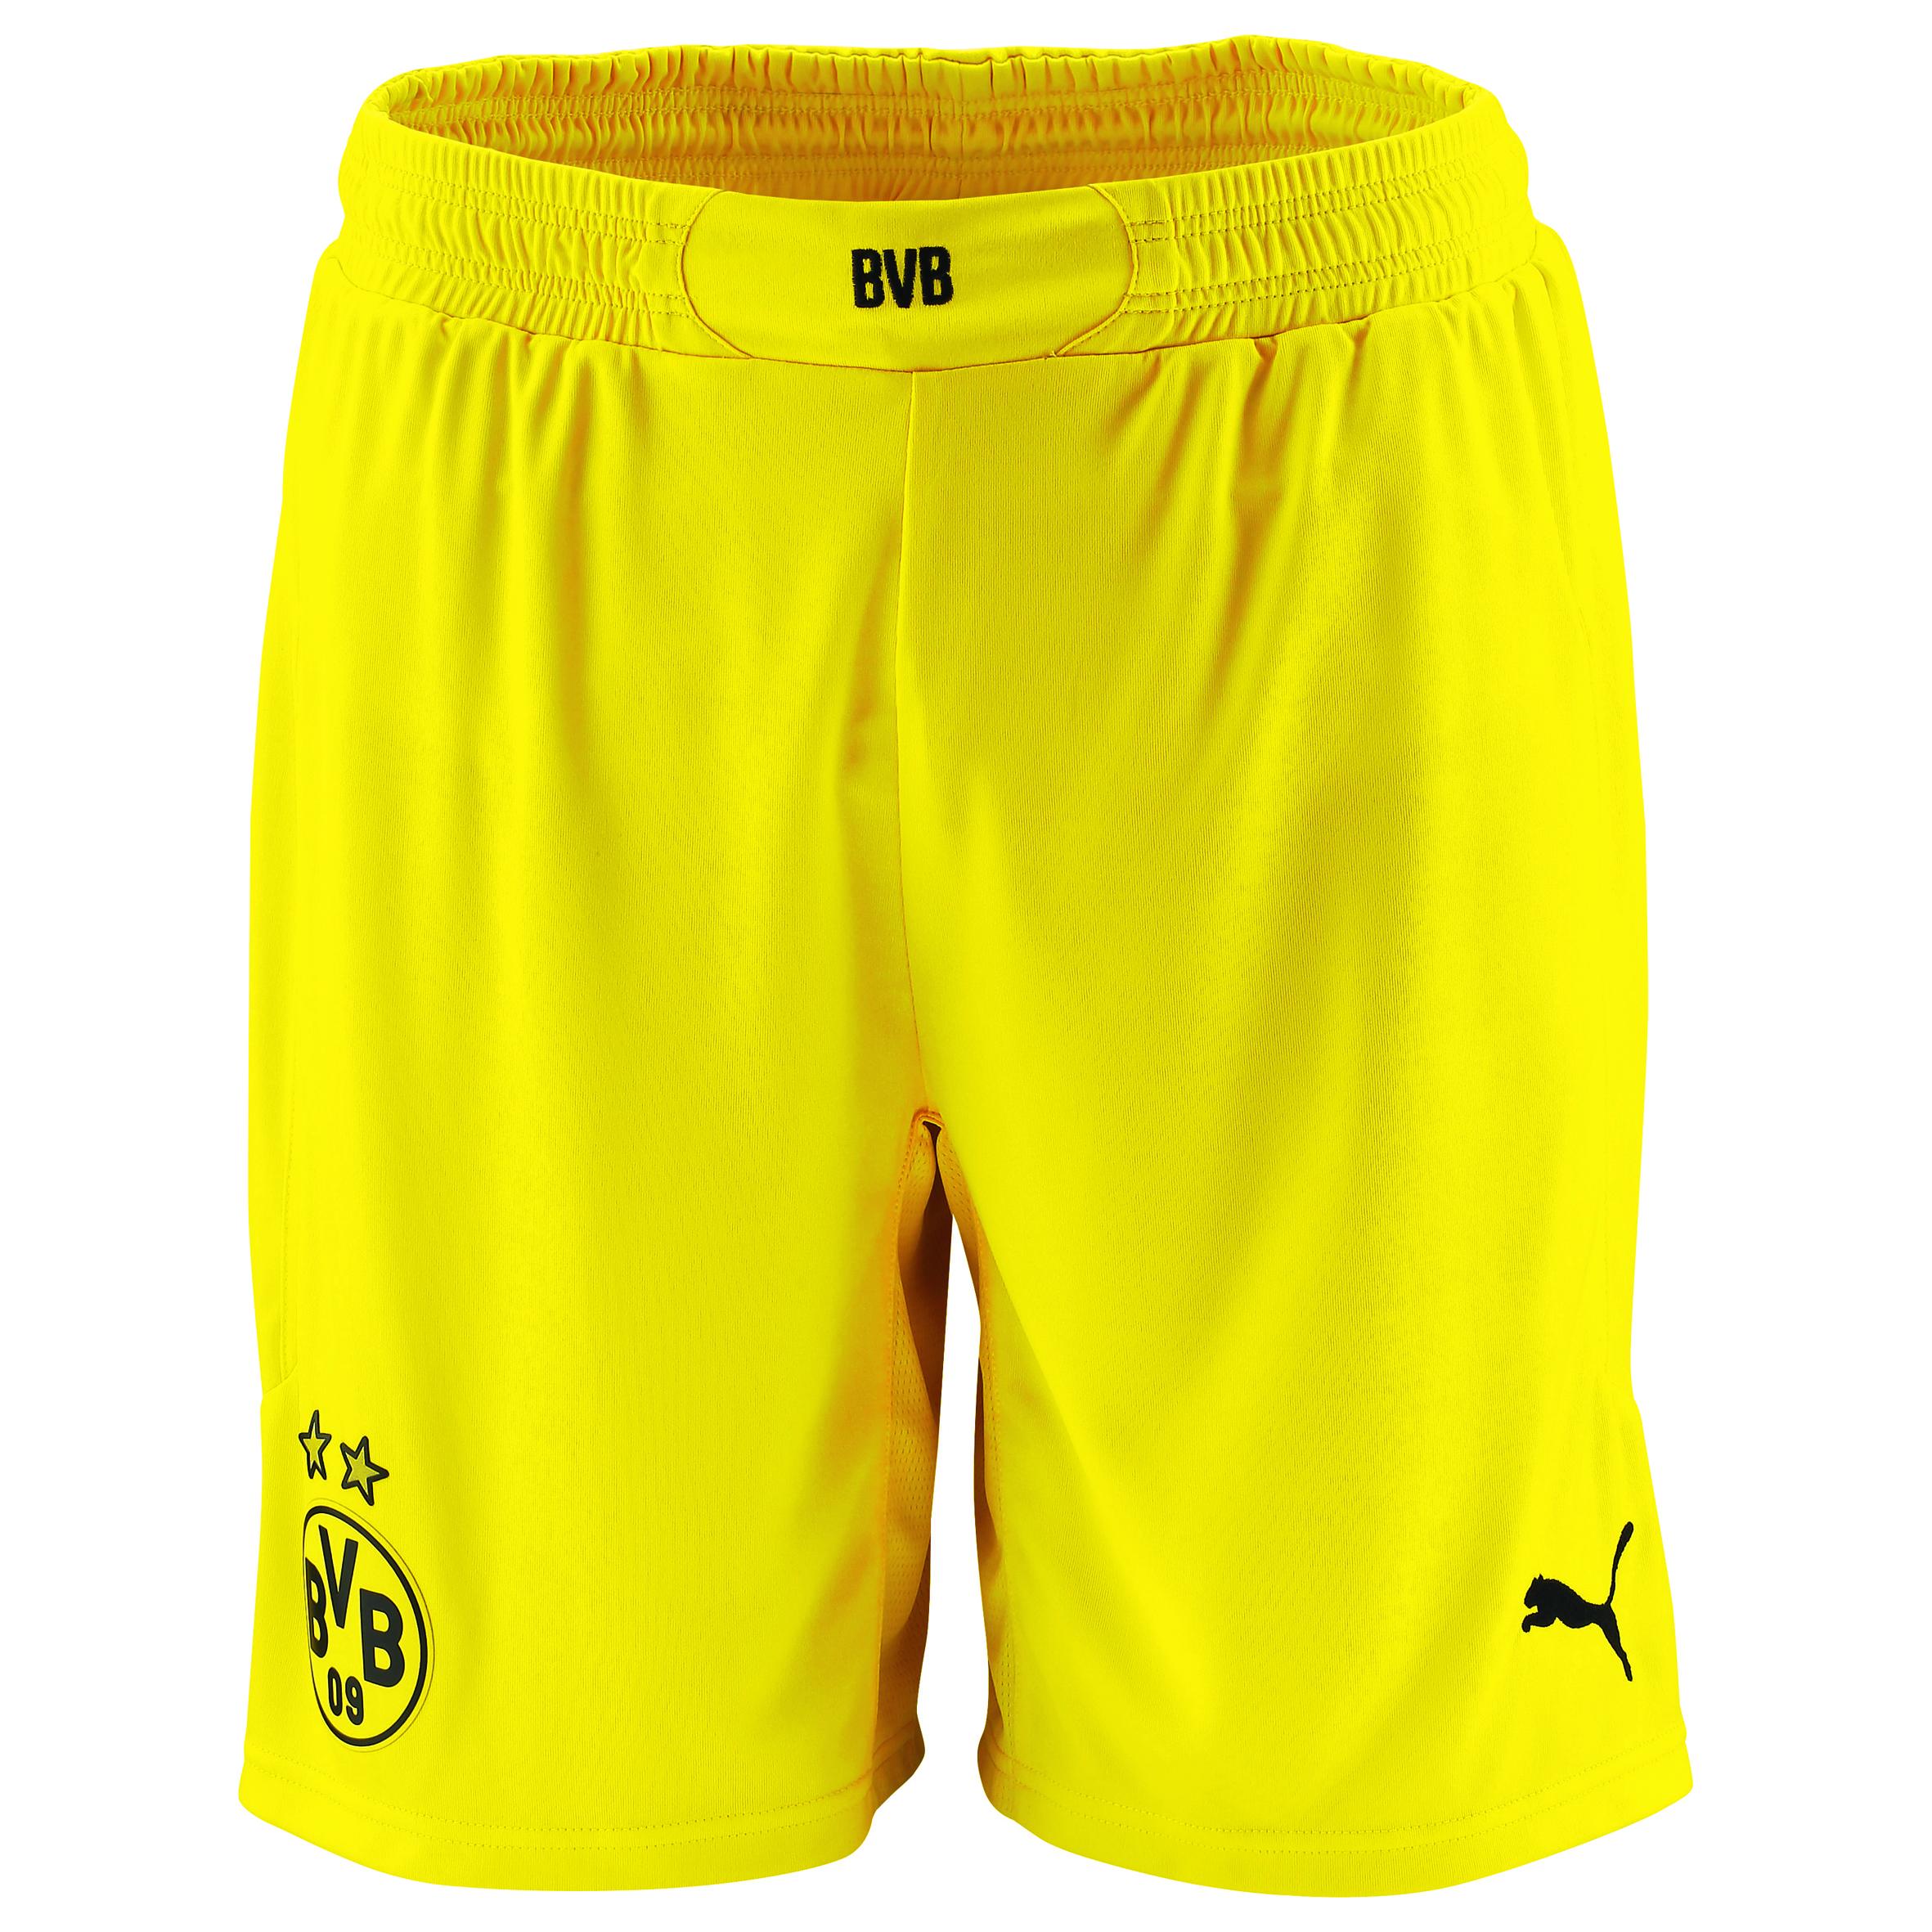 BVB Home Change Shorts 2014/15